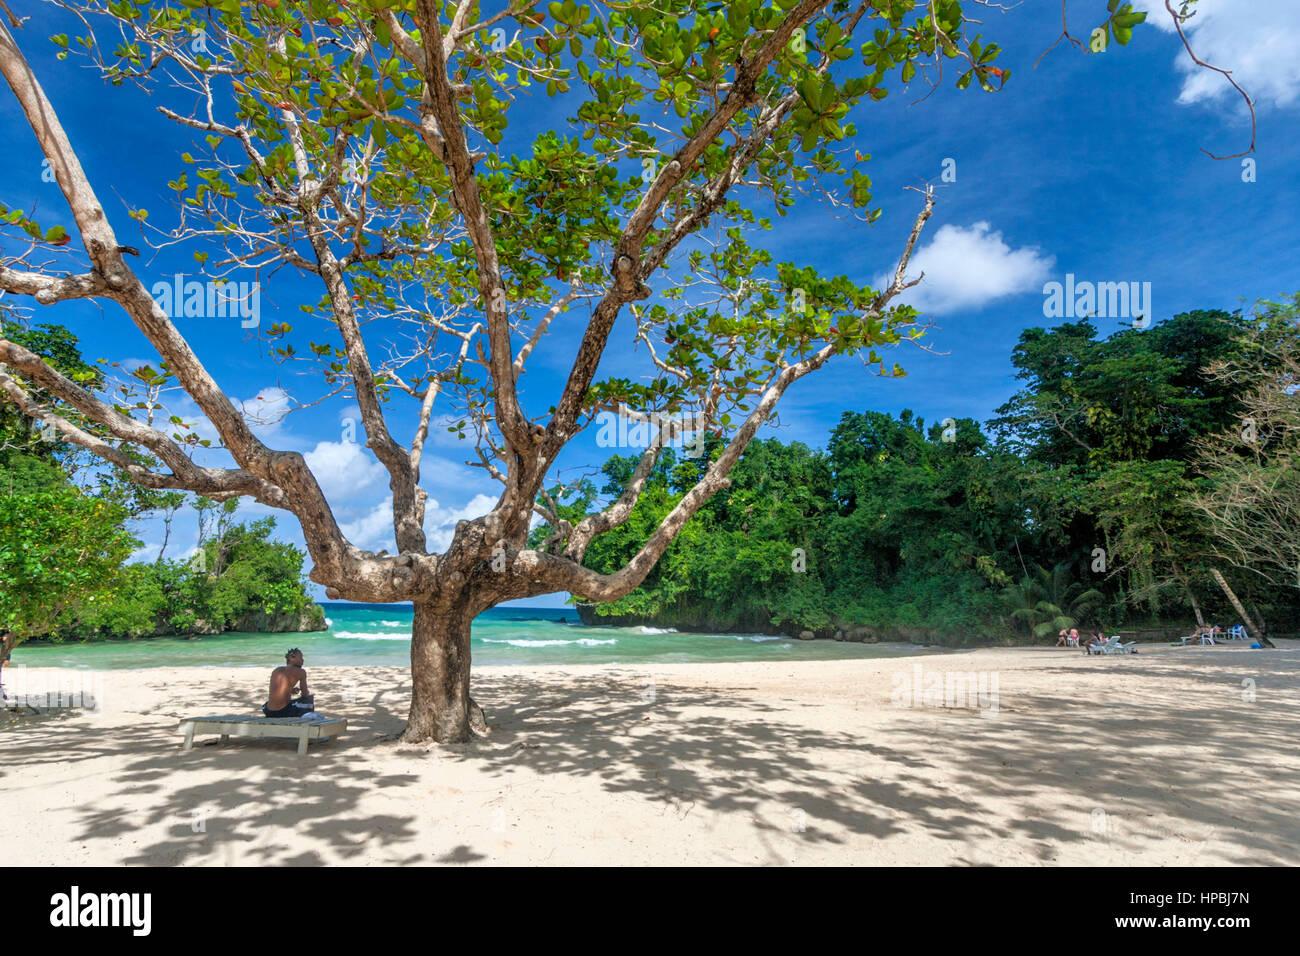 Jamaika-Port Antonio Frenchmens Cove Strand in einem tropischen Garten mit einem mineralischen Fluss Stockbild